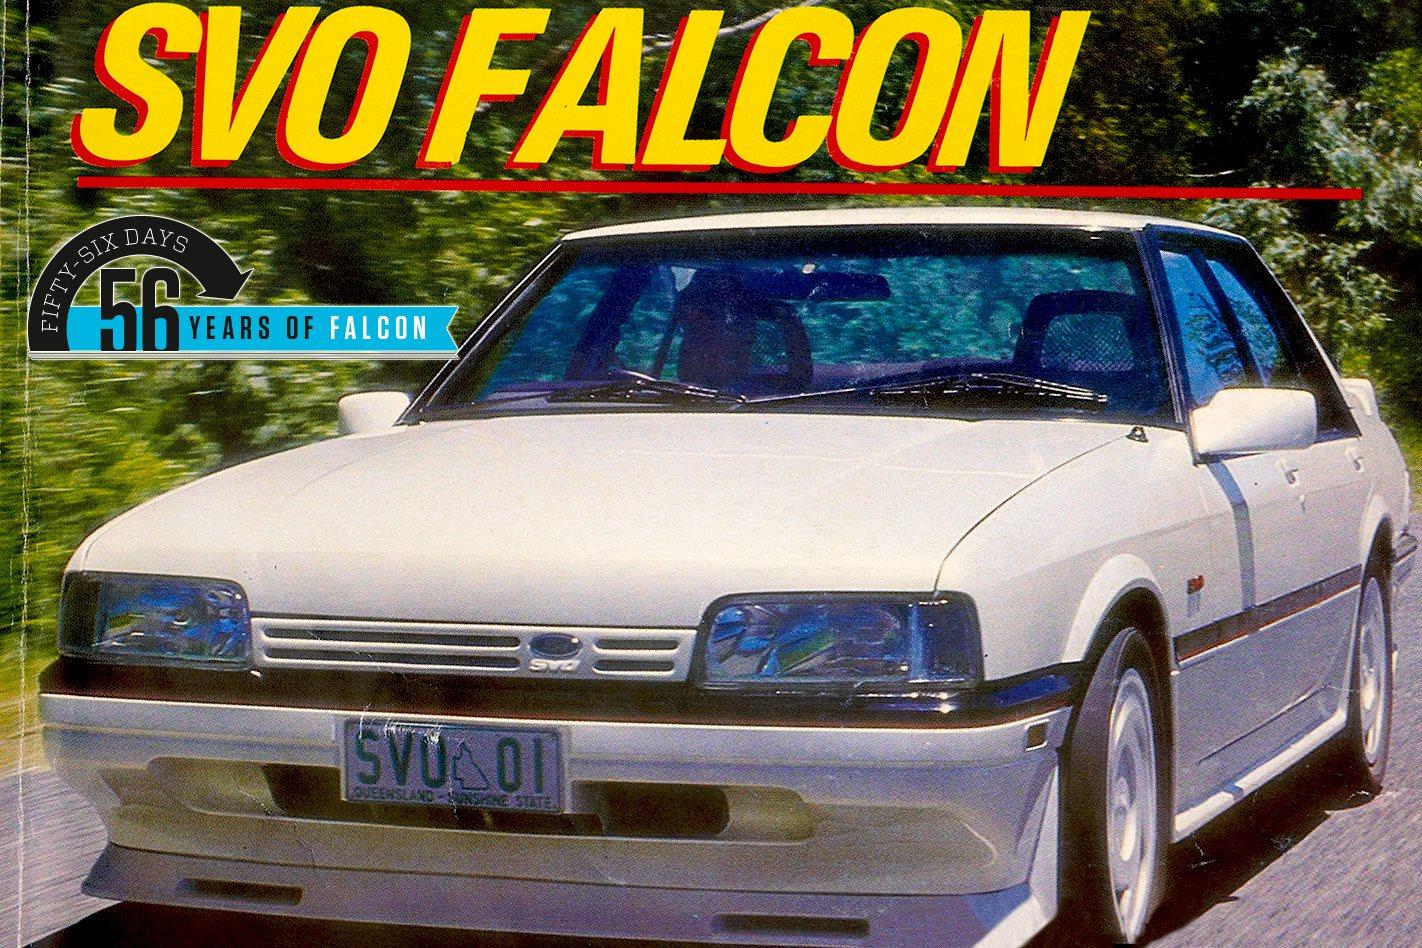 1987 Ford Falcon XF SVO